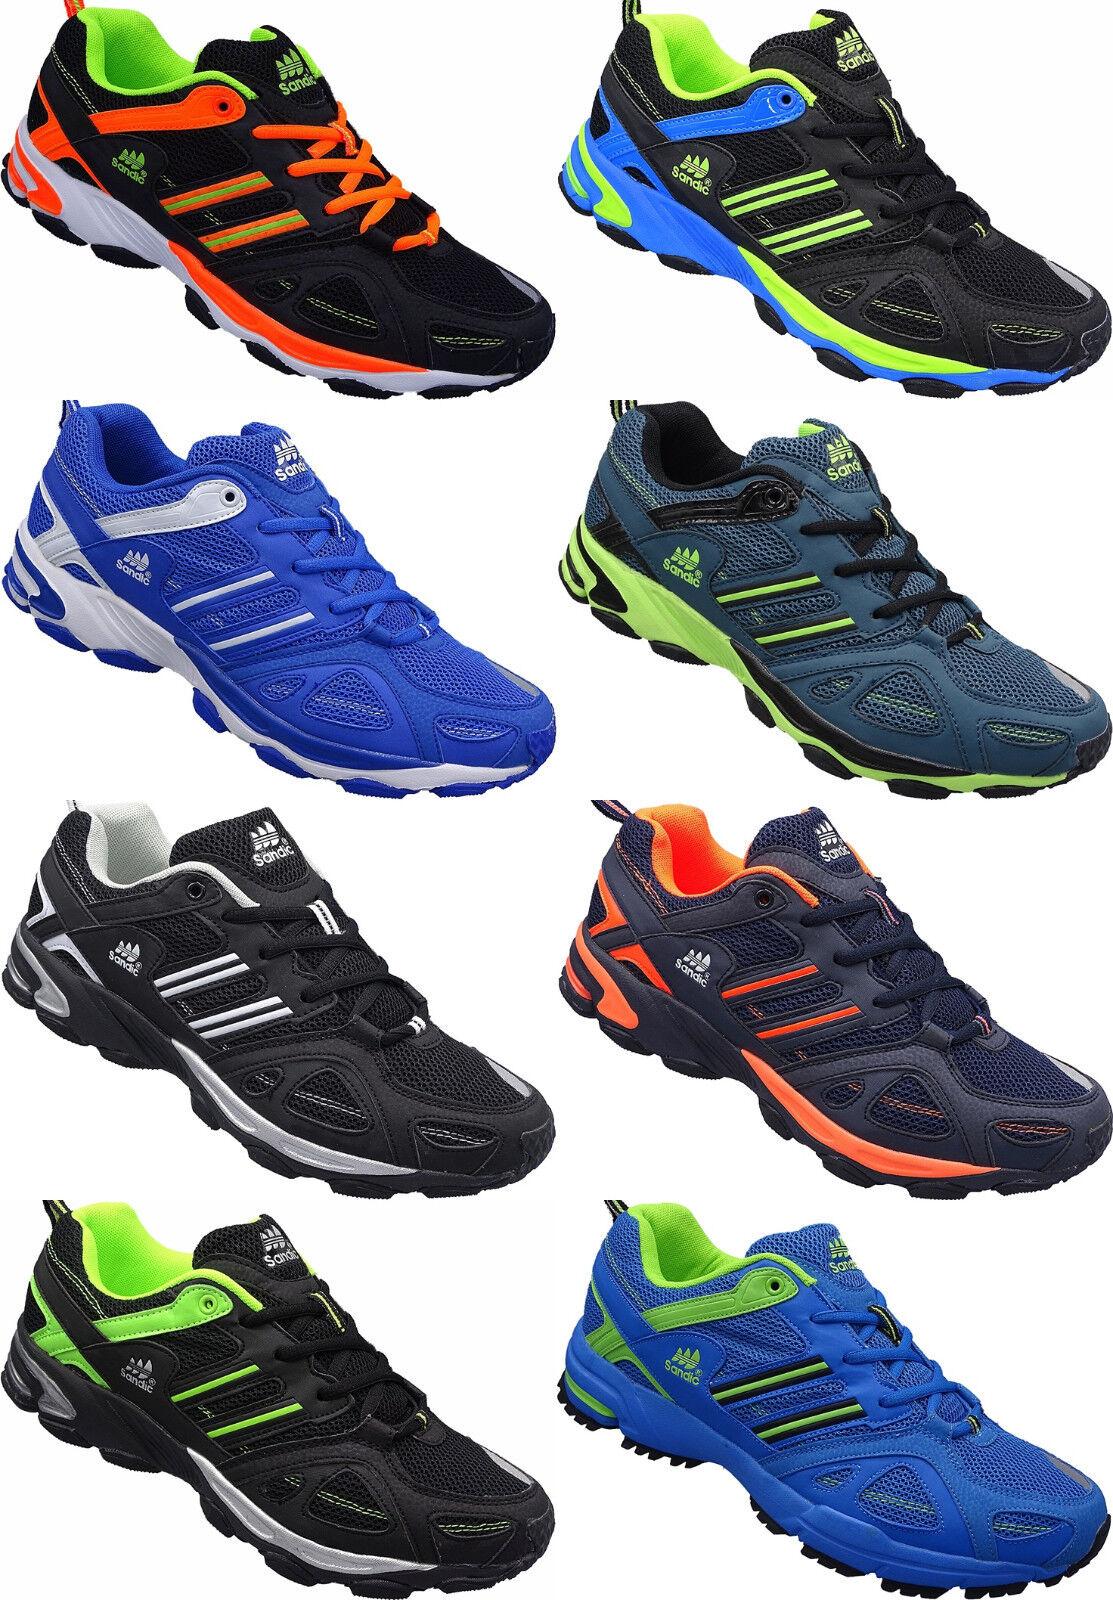 Herren Laufschuhe Sportschuhe Turnschuhe Sneaker Schuhe Gr.41 - 46 Art.-Nr.1326